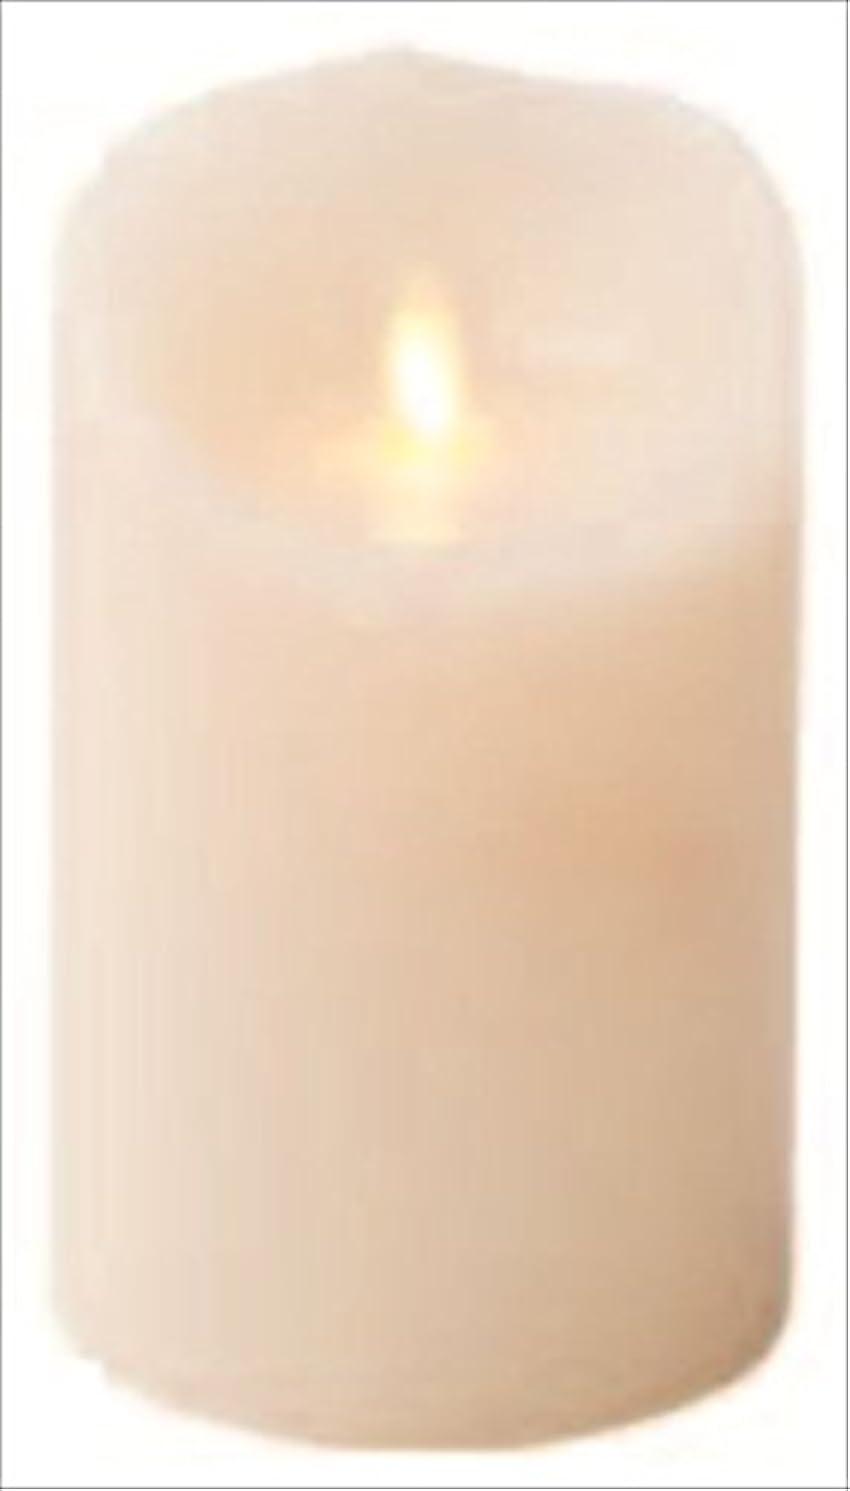 比喩学習不注意LUMINARA(ルミナラ) LUMINARA(ルミナラ)ピラー3.5×5【ボックスなし】 「 アイボリー 」 03000000 (03000000)